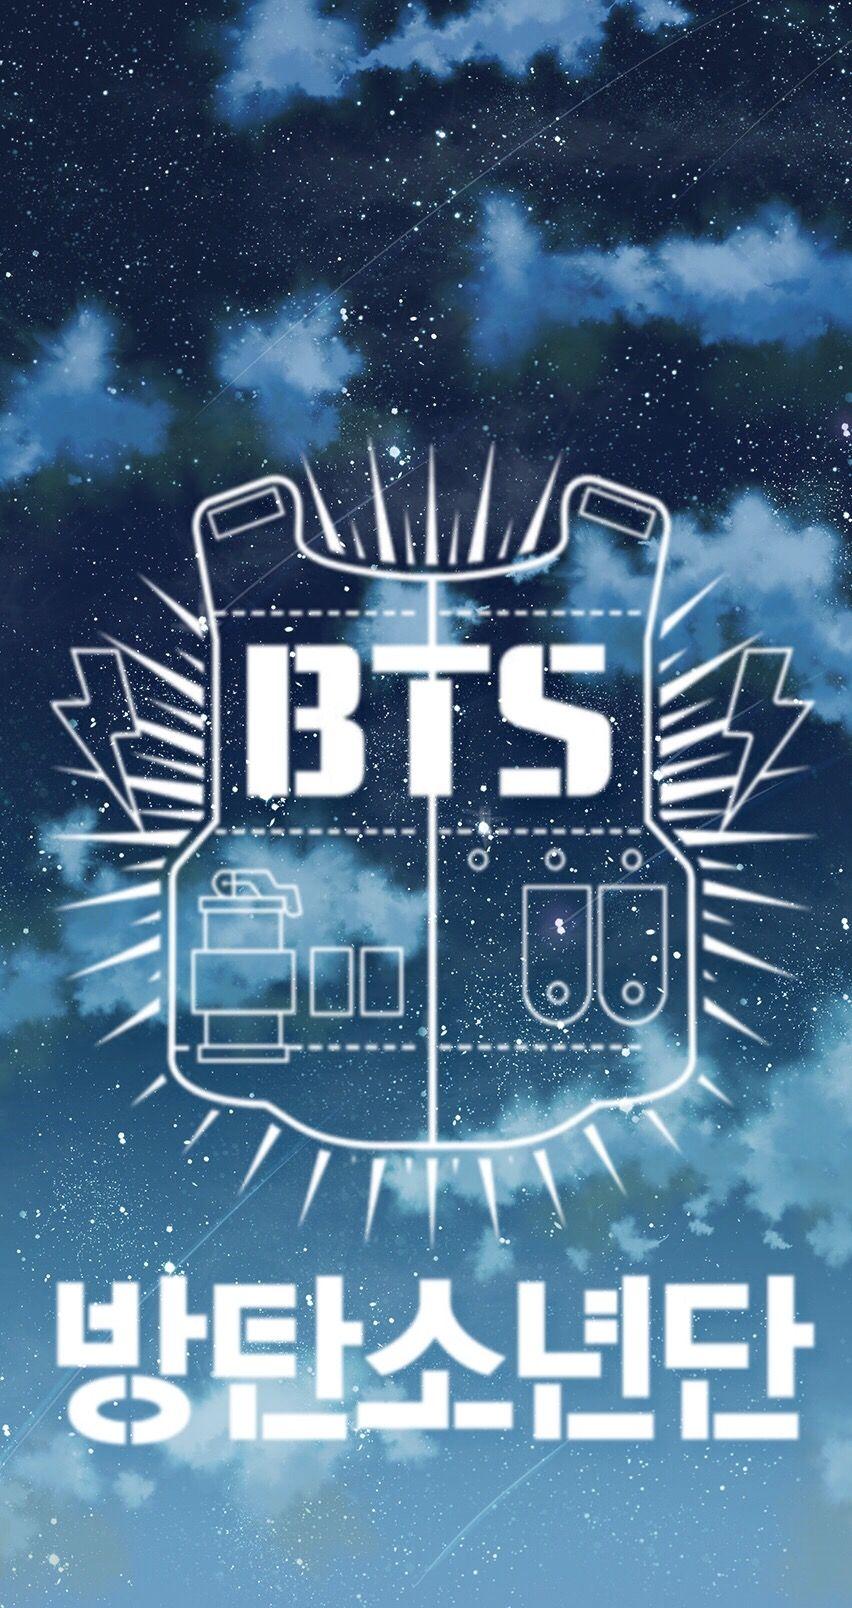 Bts Logo Wallpaper